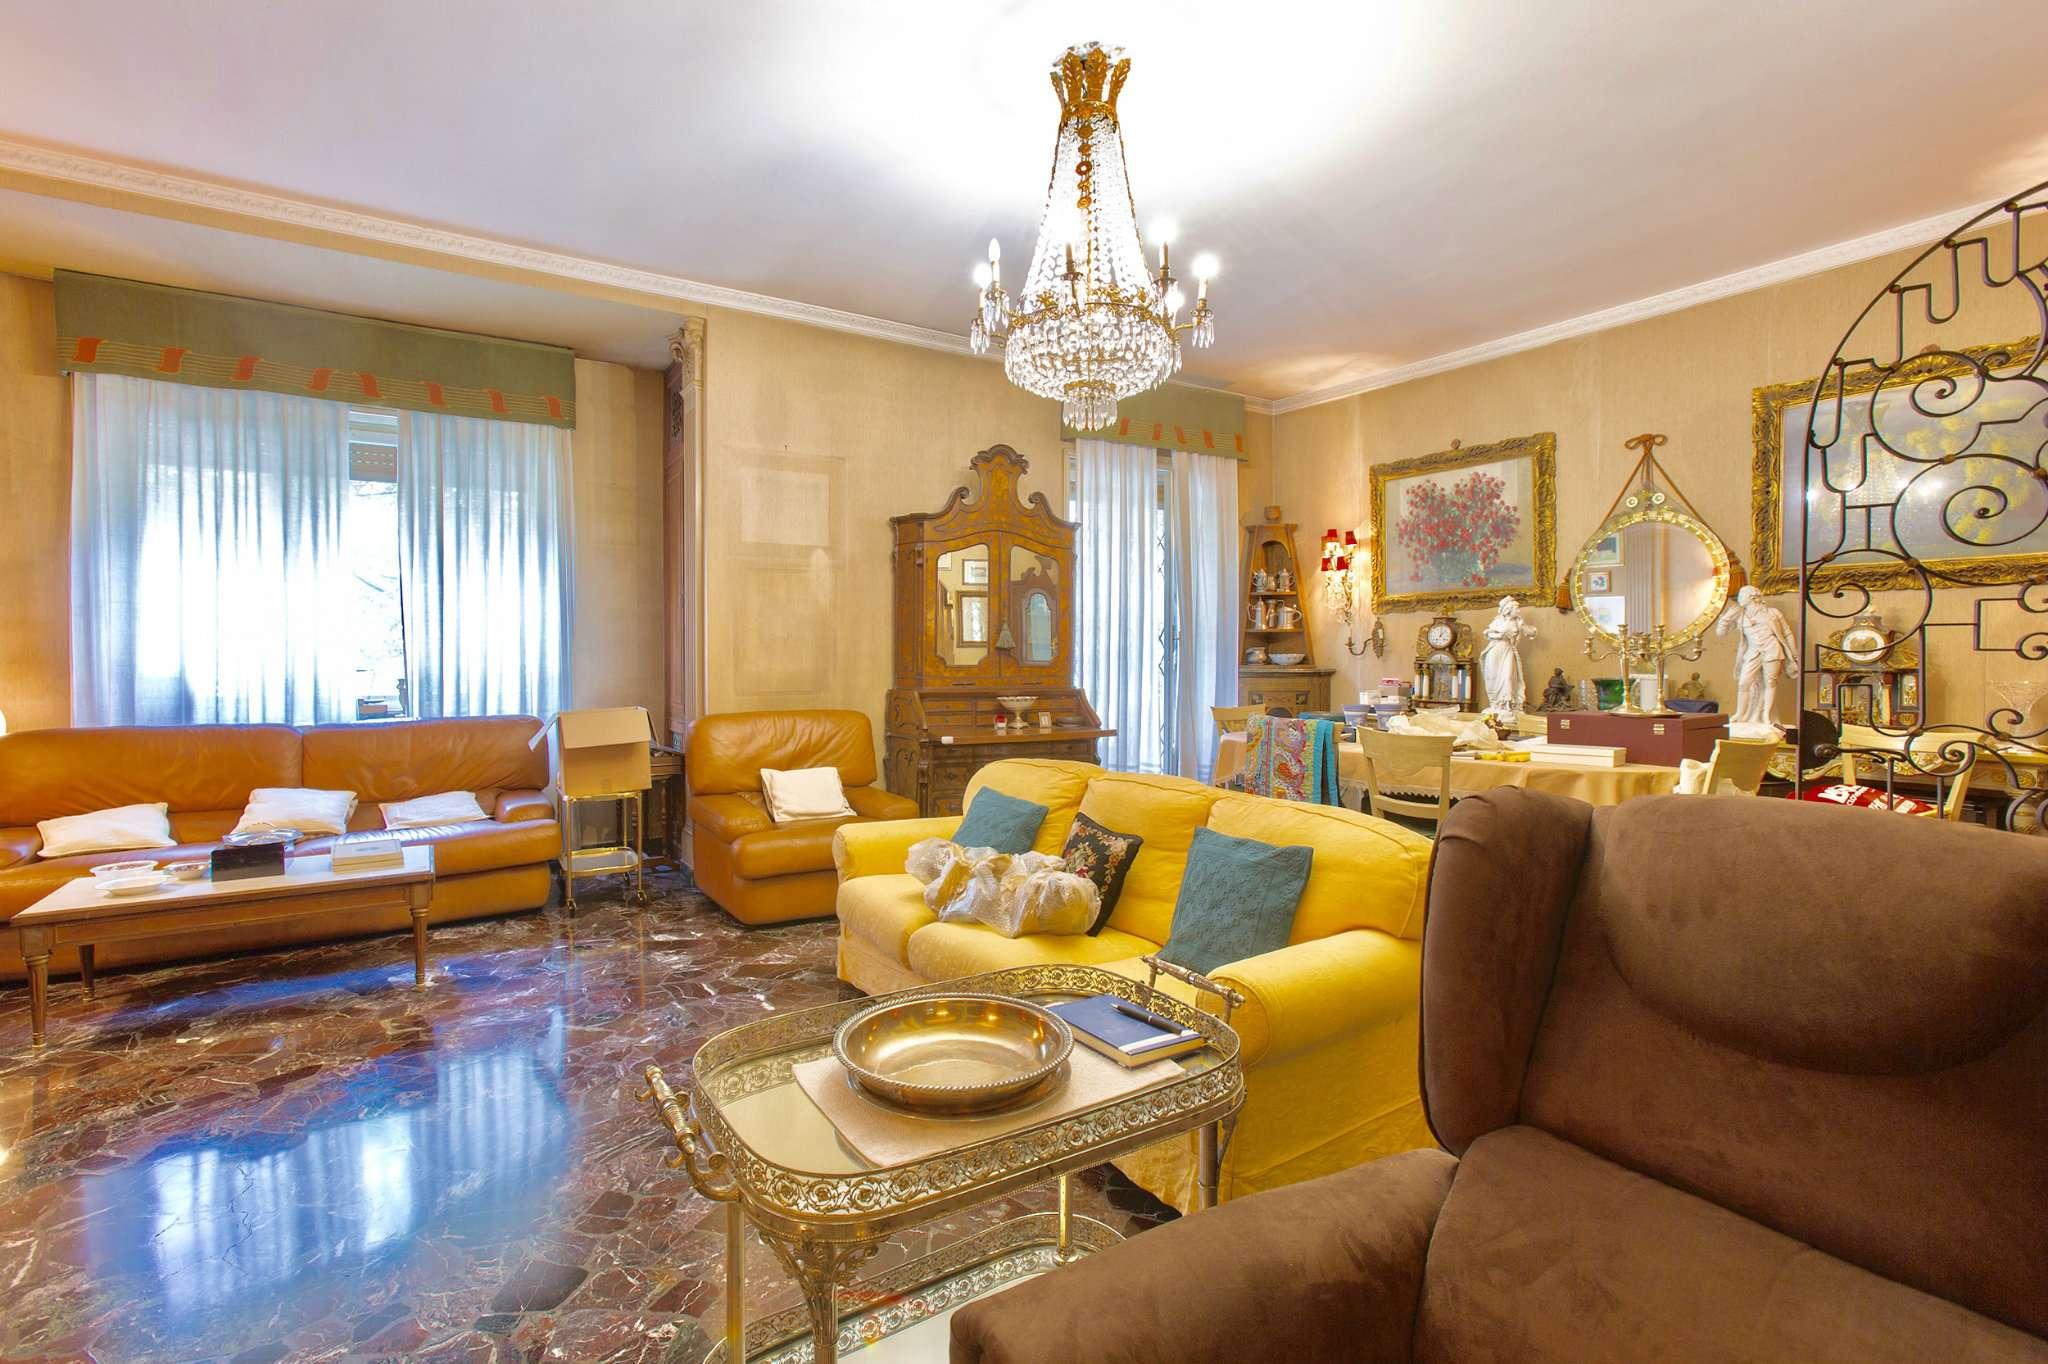 Appartamento in Vendita a Milano 06 Italia / Porta Romana / Bocconi / Lodi: 4 locali, 160 mq